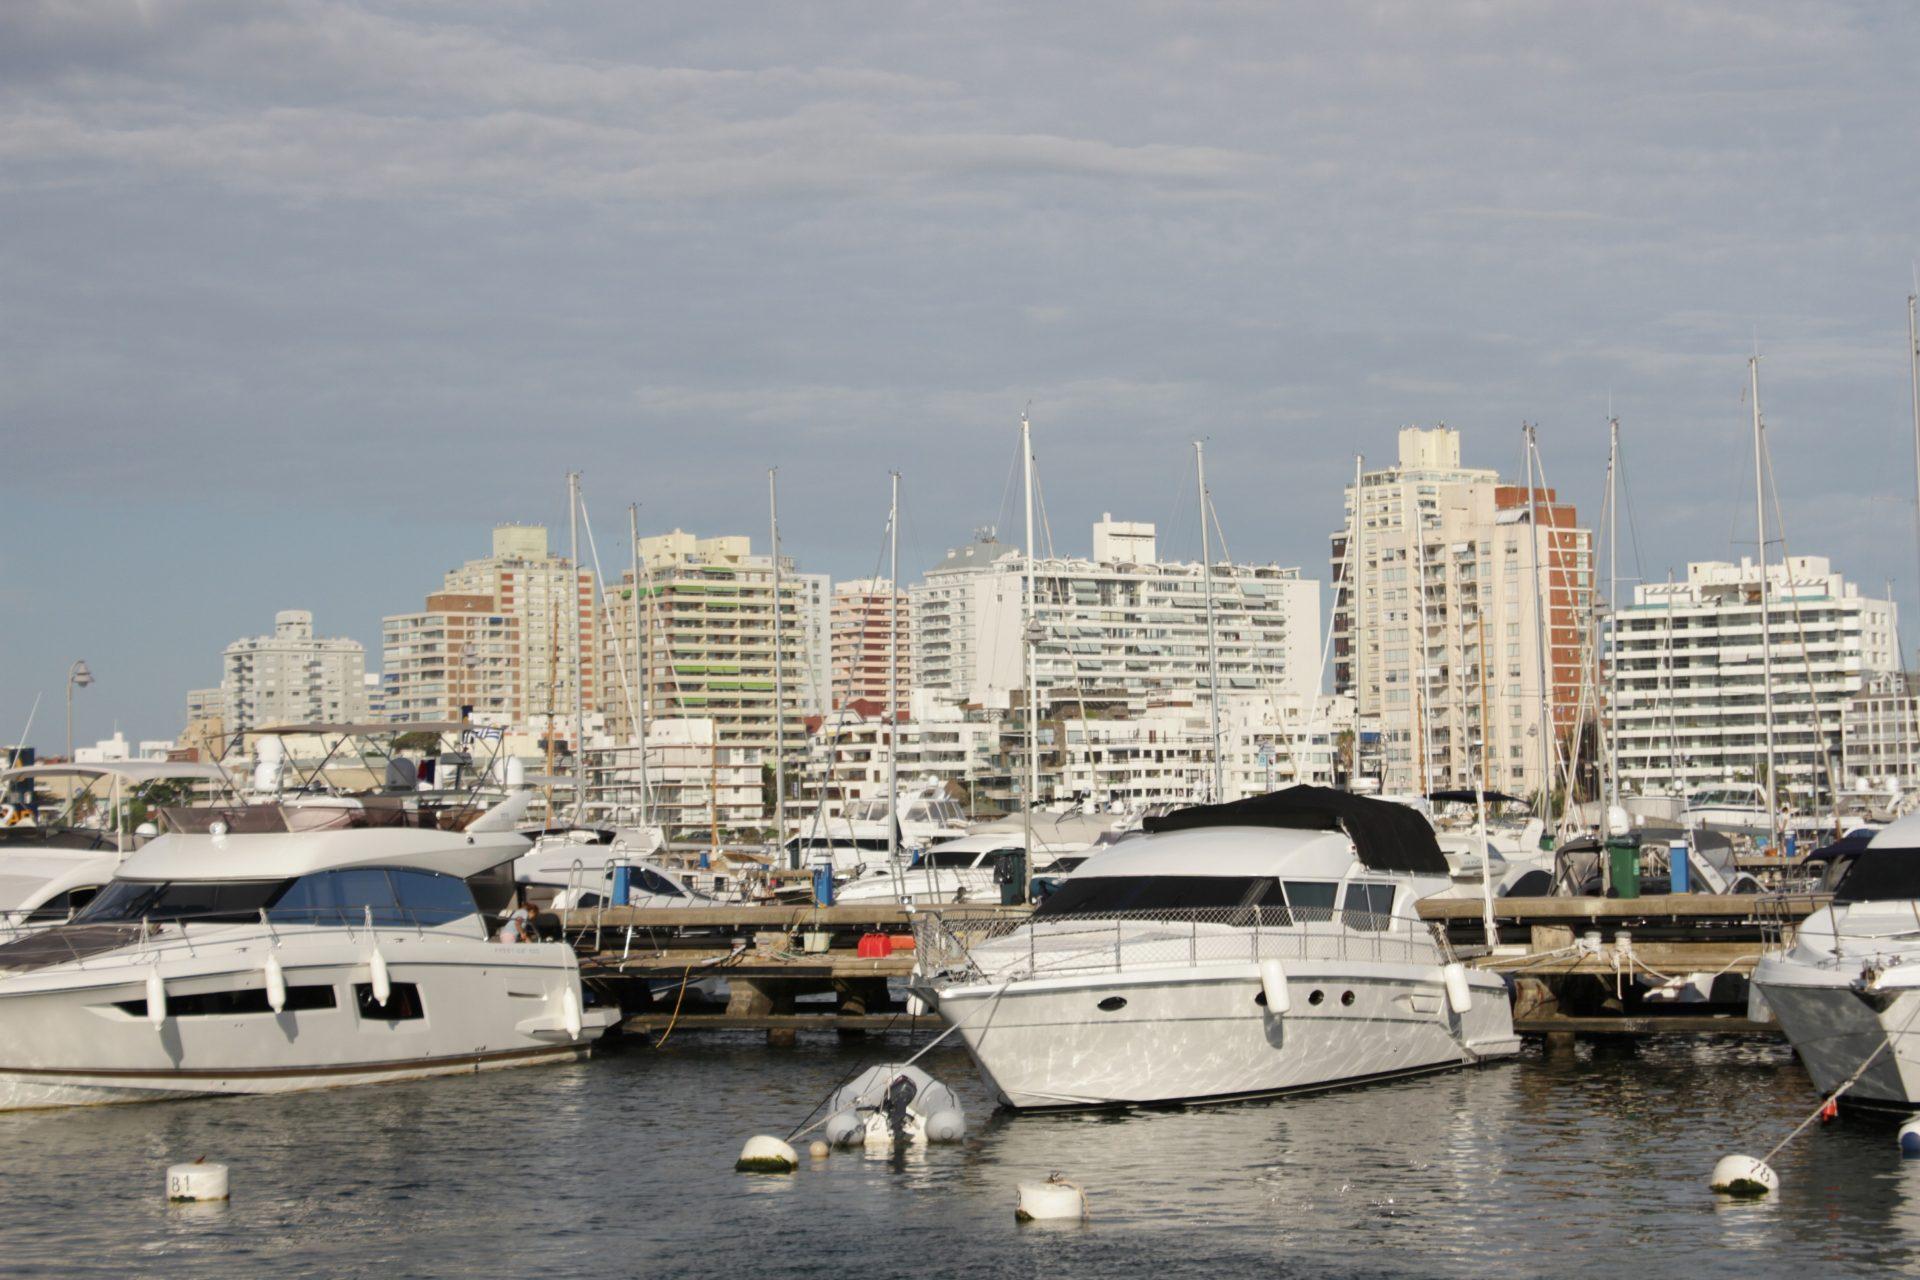 Tourisme MICE en Amérique du Sud / Uruguay4u